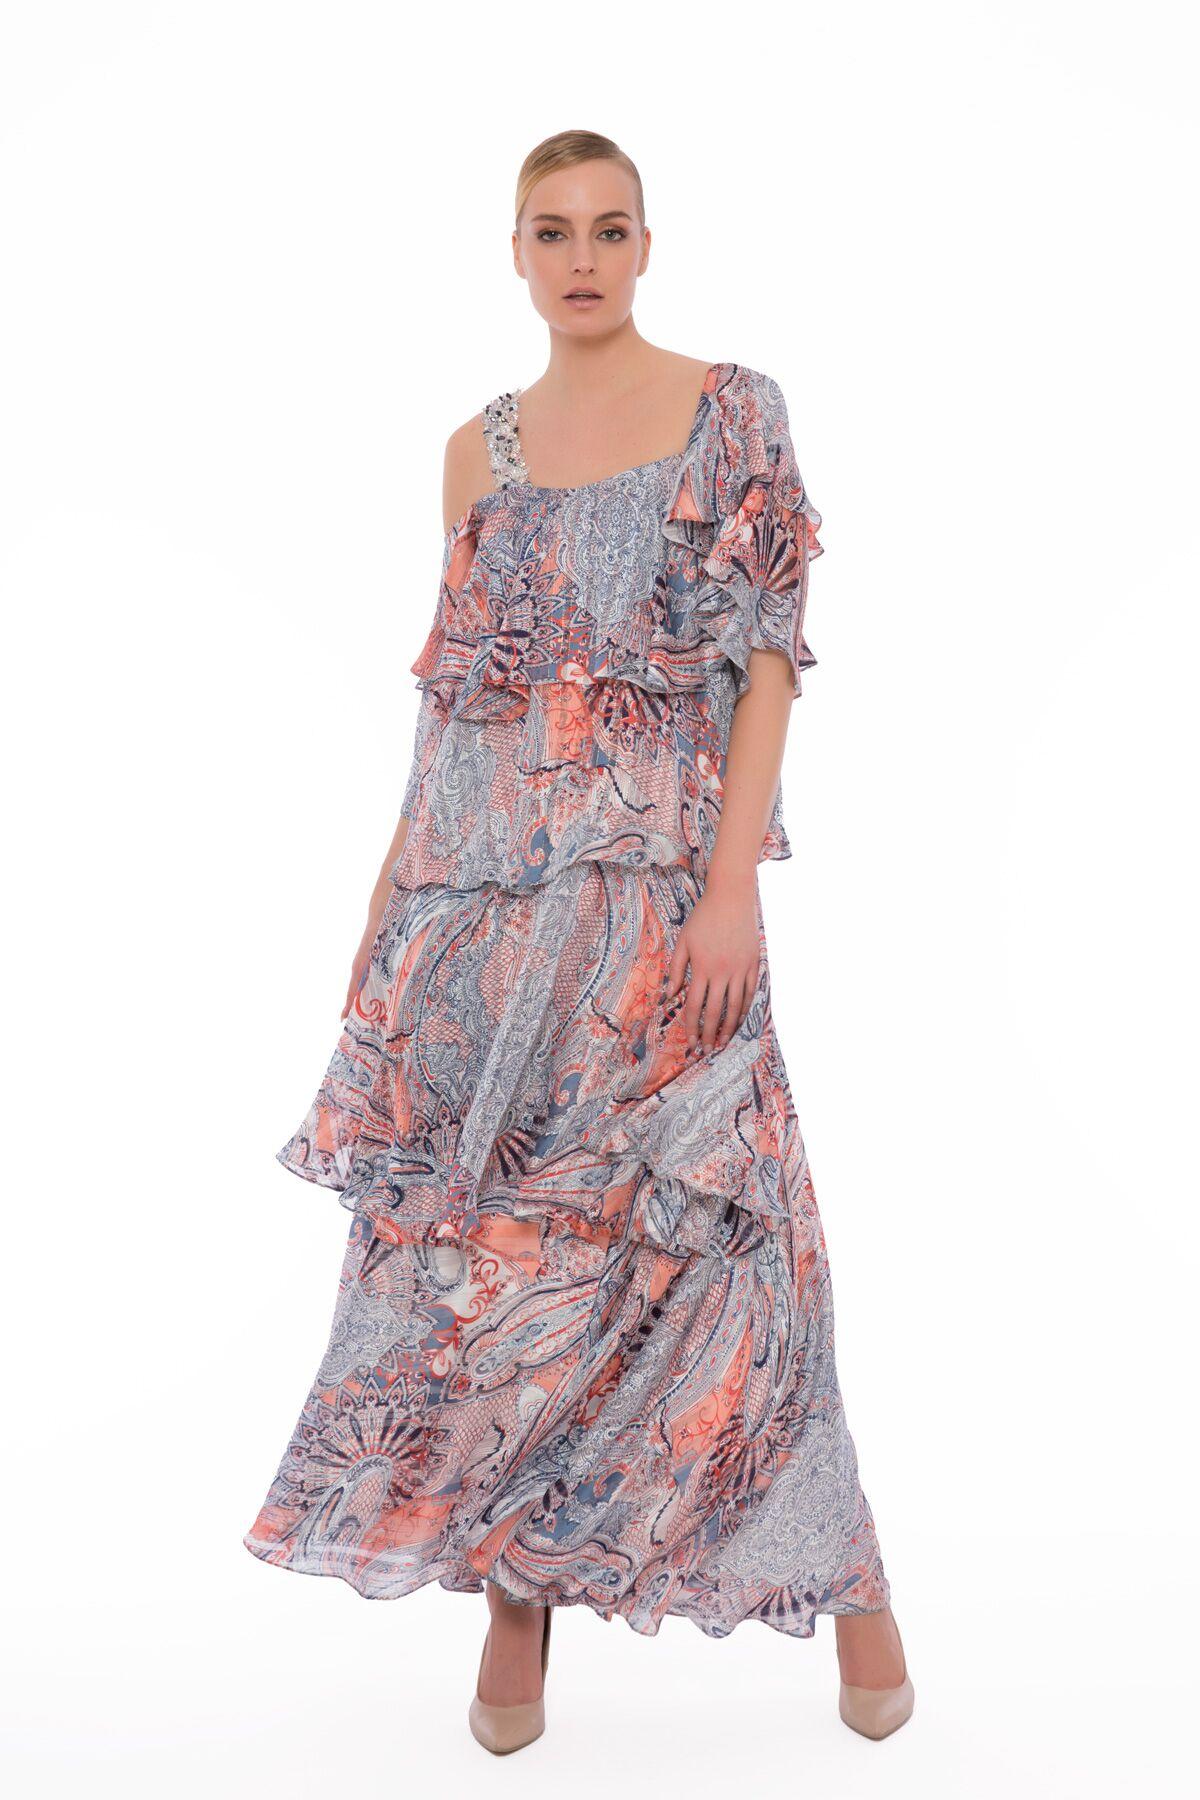 Omuz Askısı İşlemeli Off Shoulder Katlı Desenli Şifon Elbise